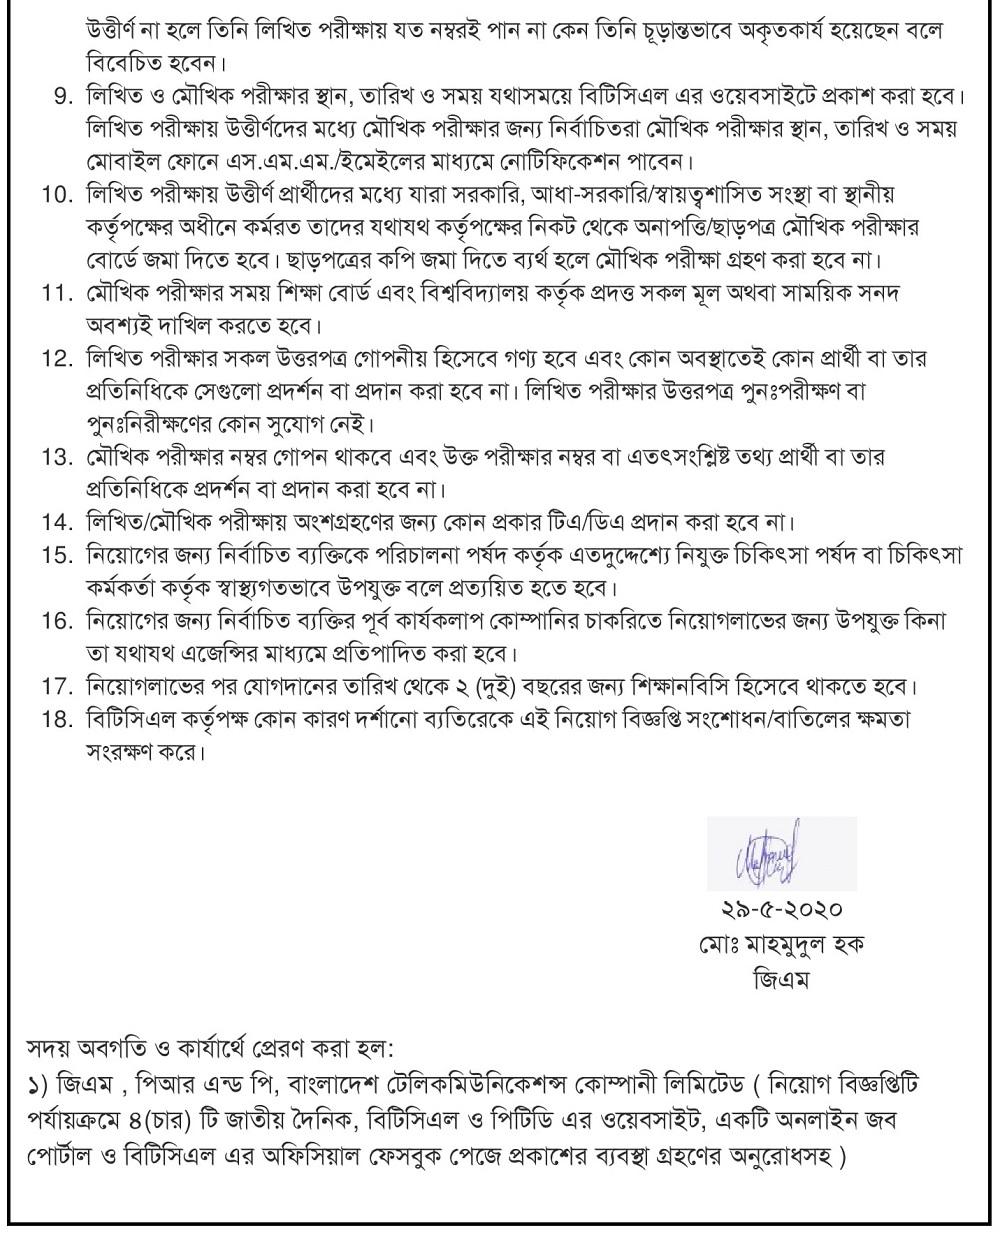 btcl job bd 2